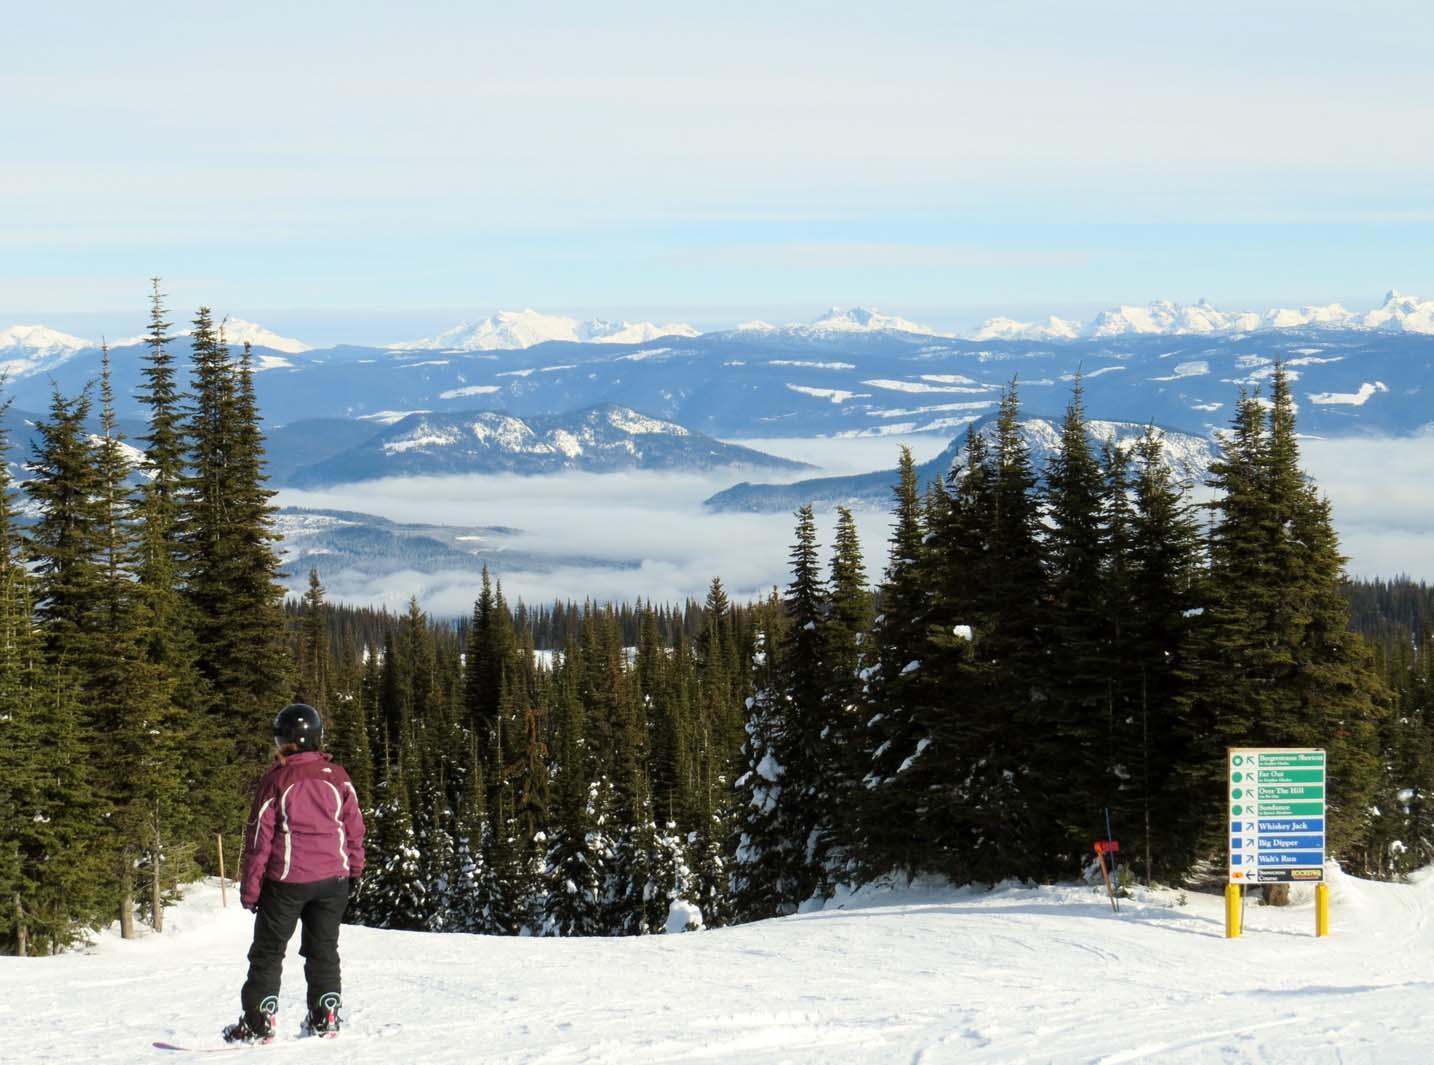 Silver Star mountain BC skiing views